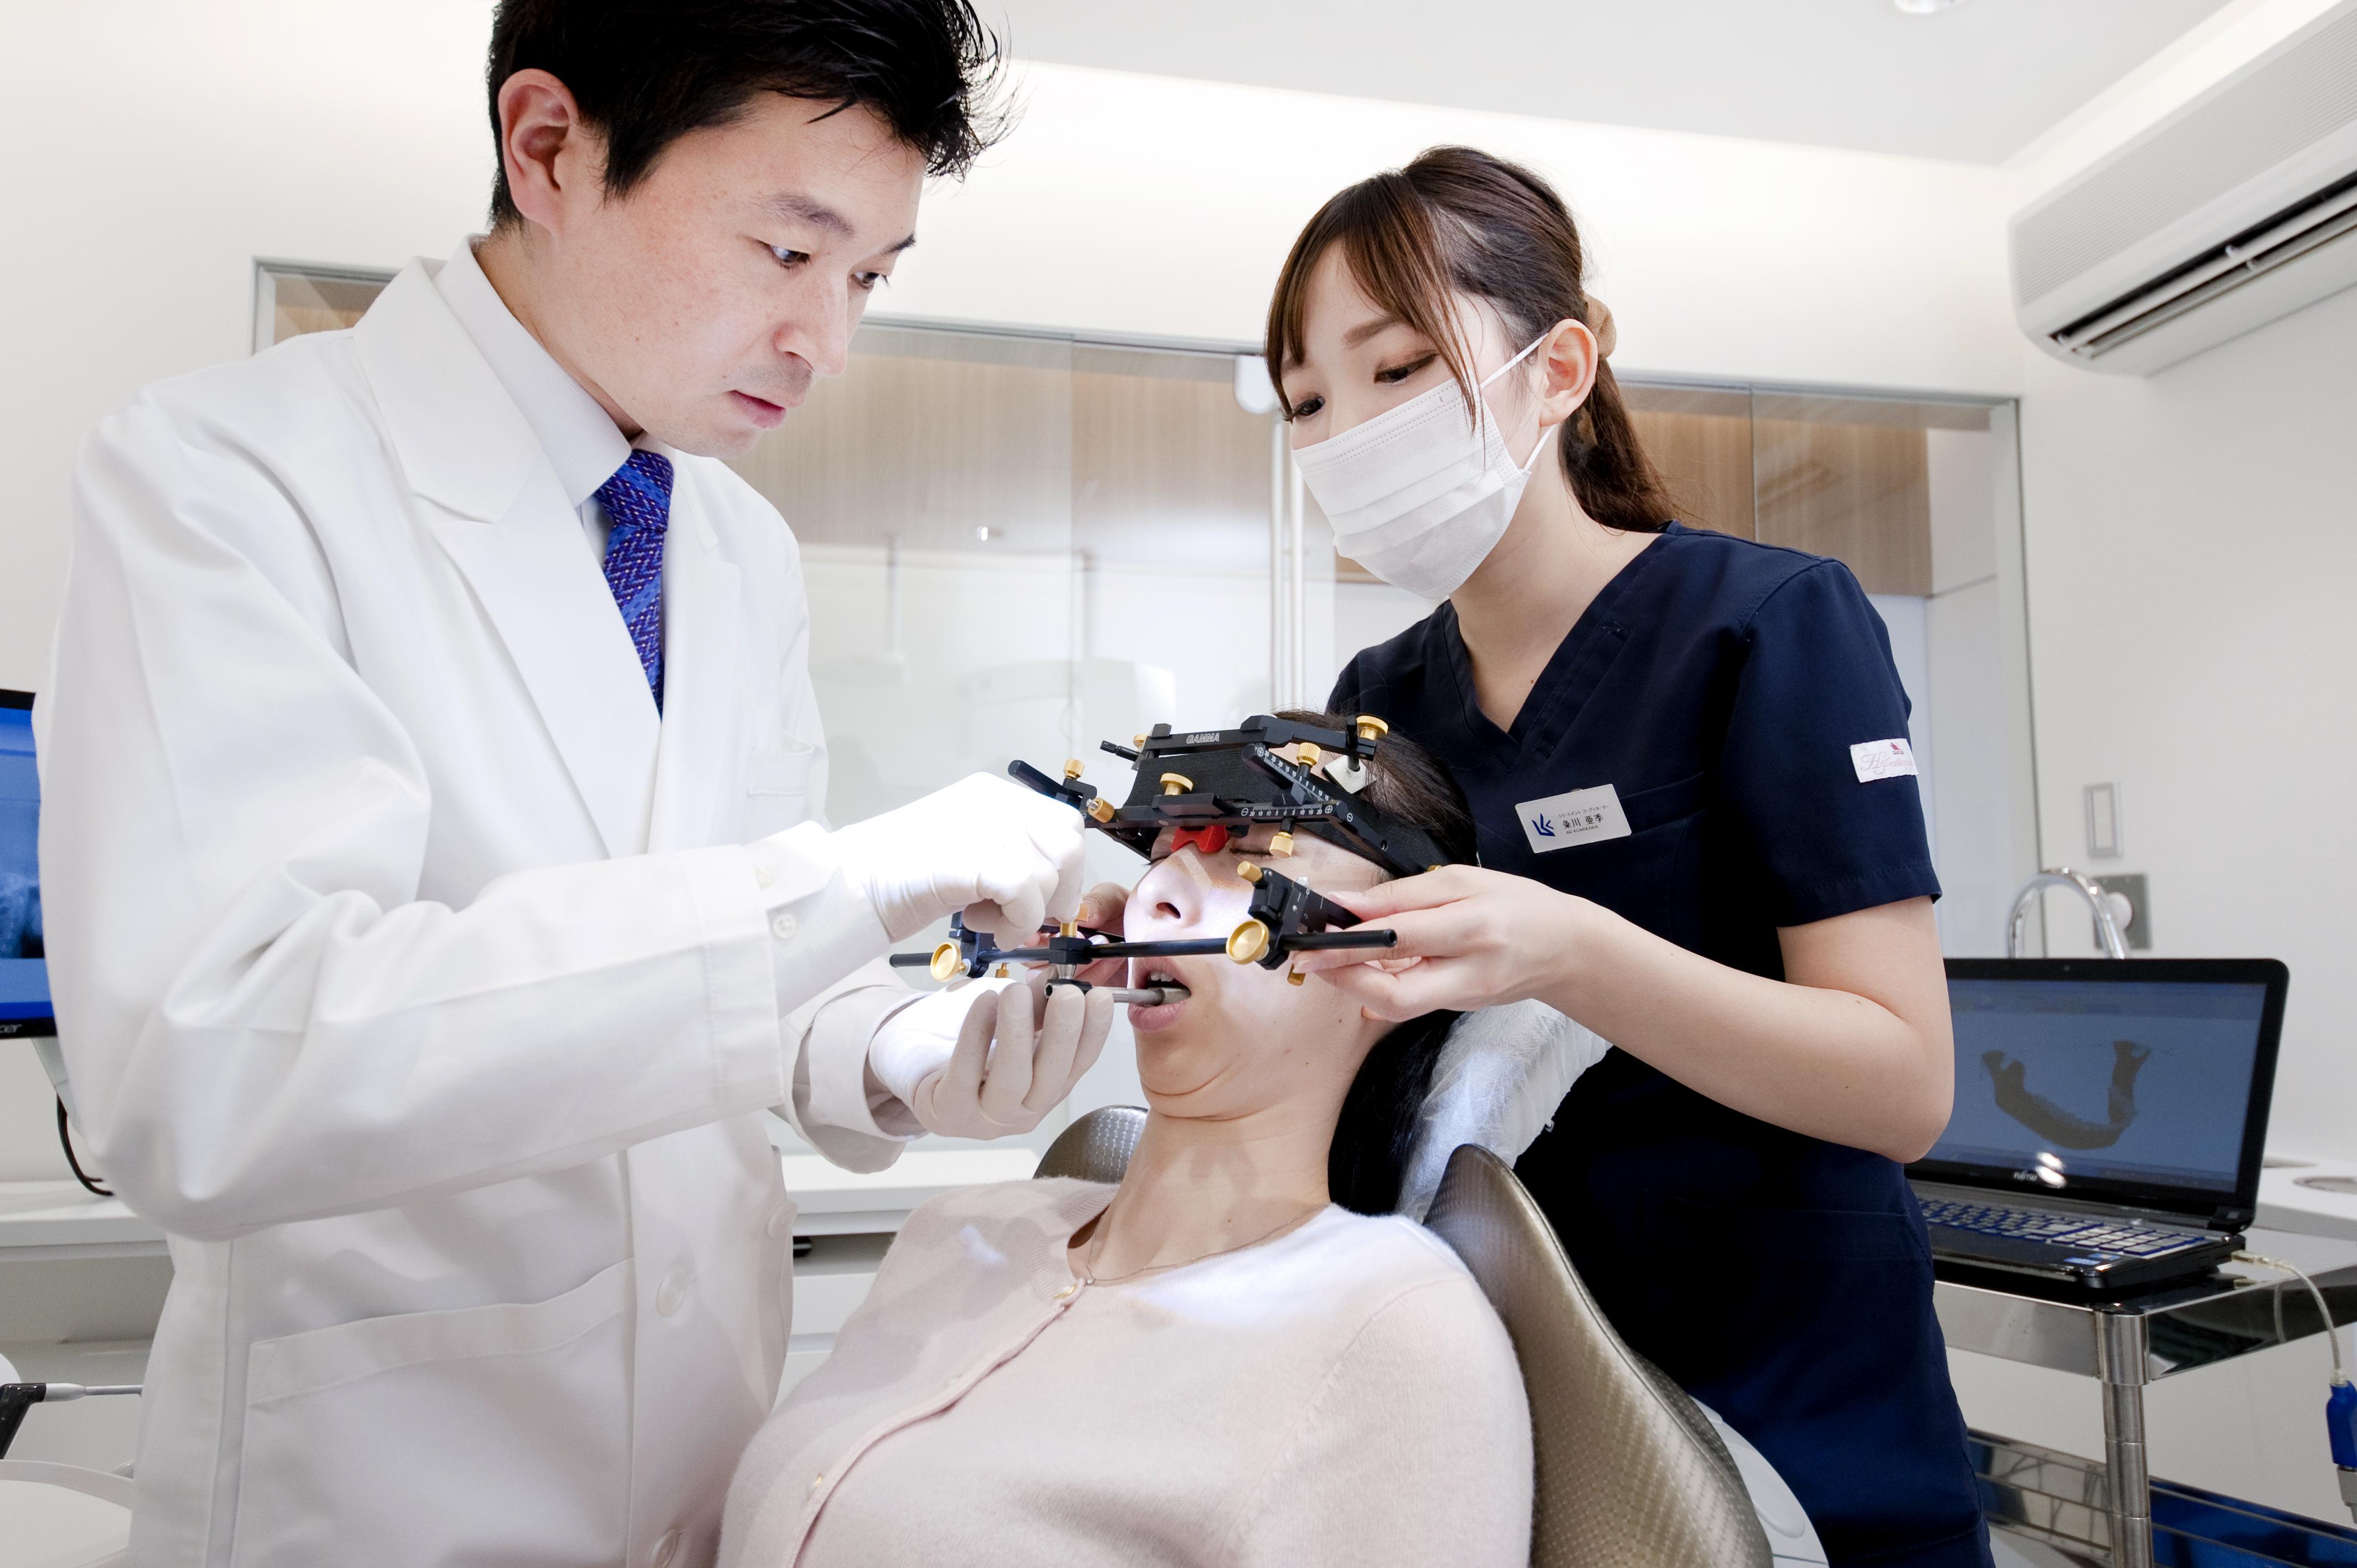 医療法人社団 栗林歯科医院様 (14)